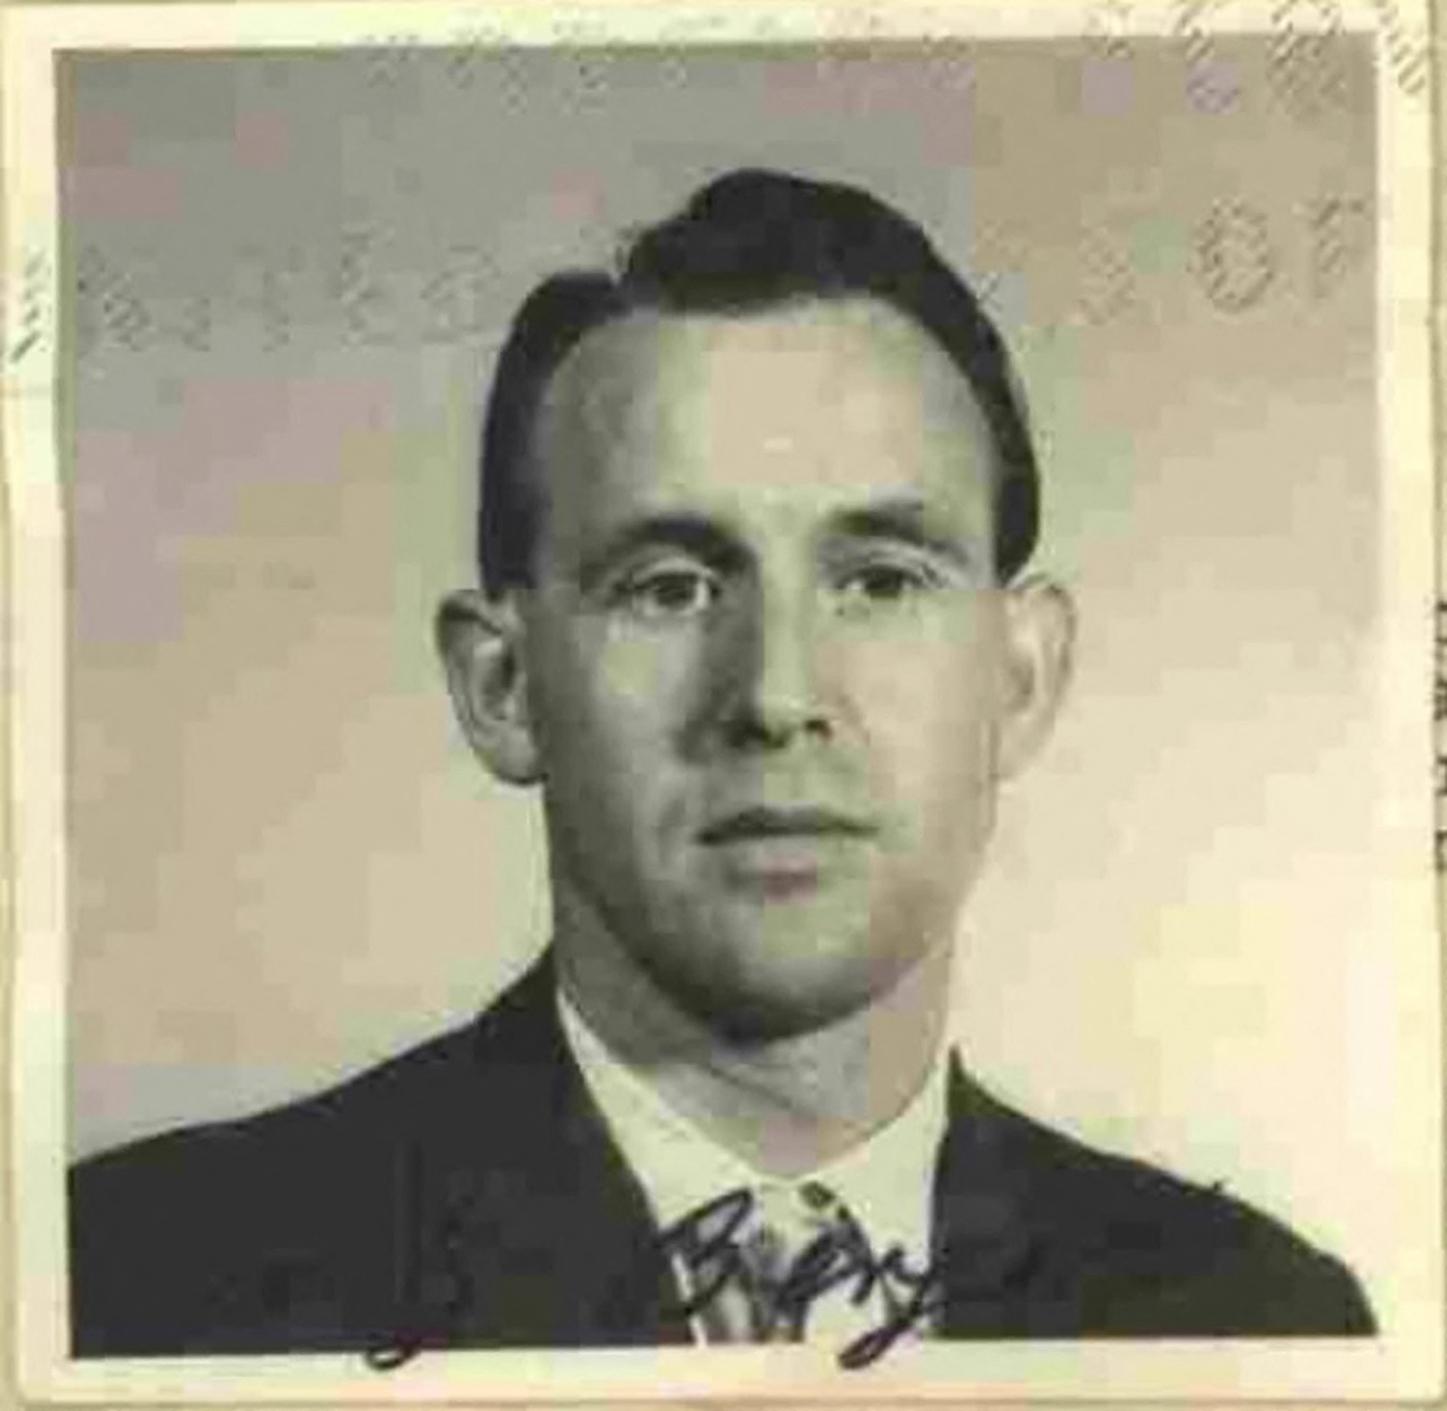 Hazatoloncolták Amerikából egy náci koncentrációs tábor őrét